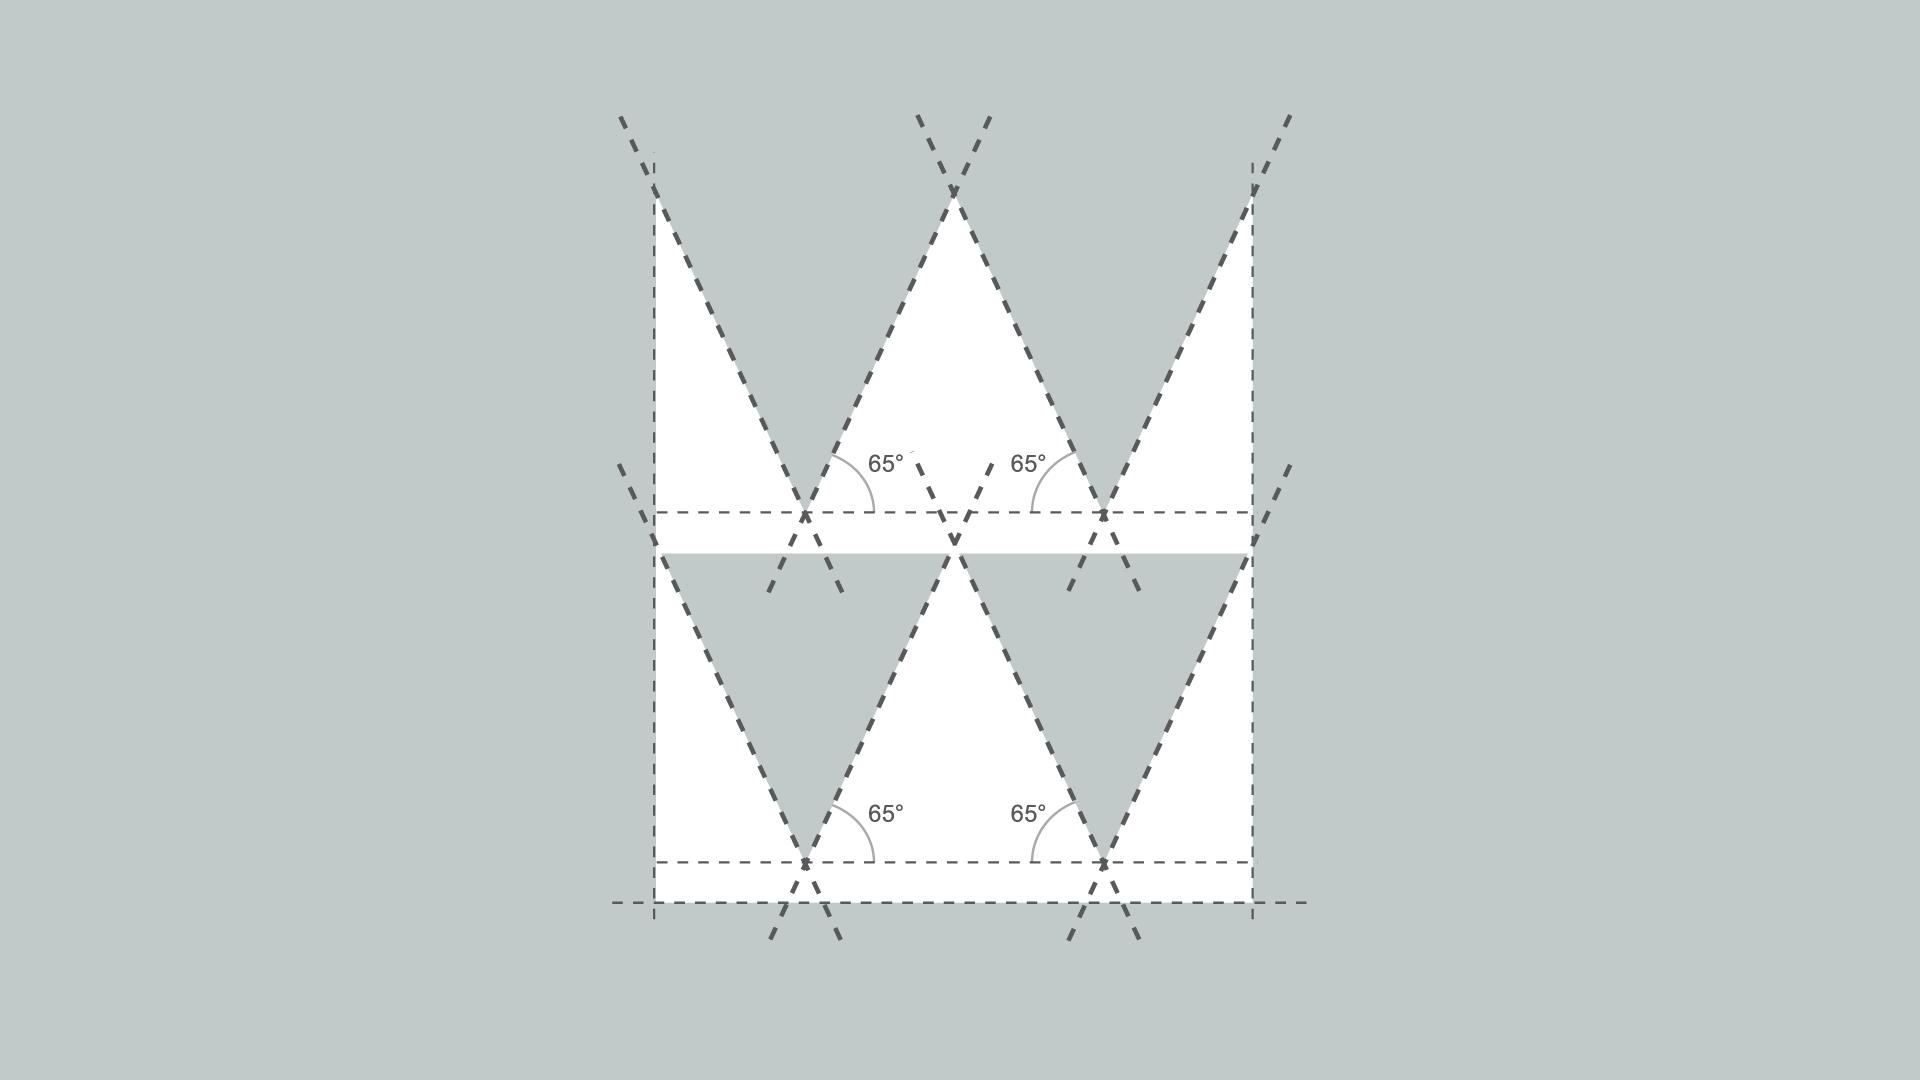 Imperial Granite & Stone Ltd. Logomark